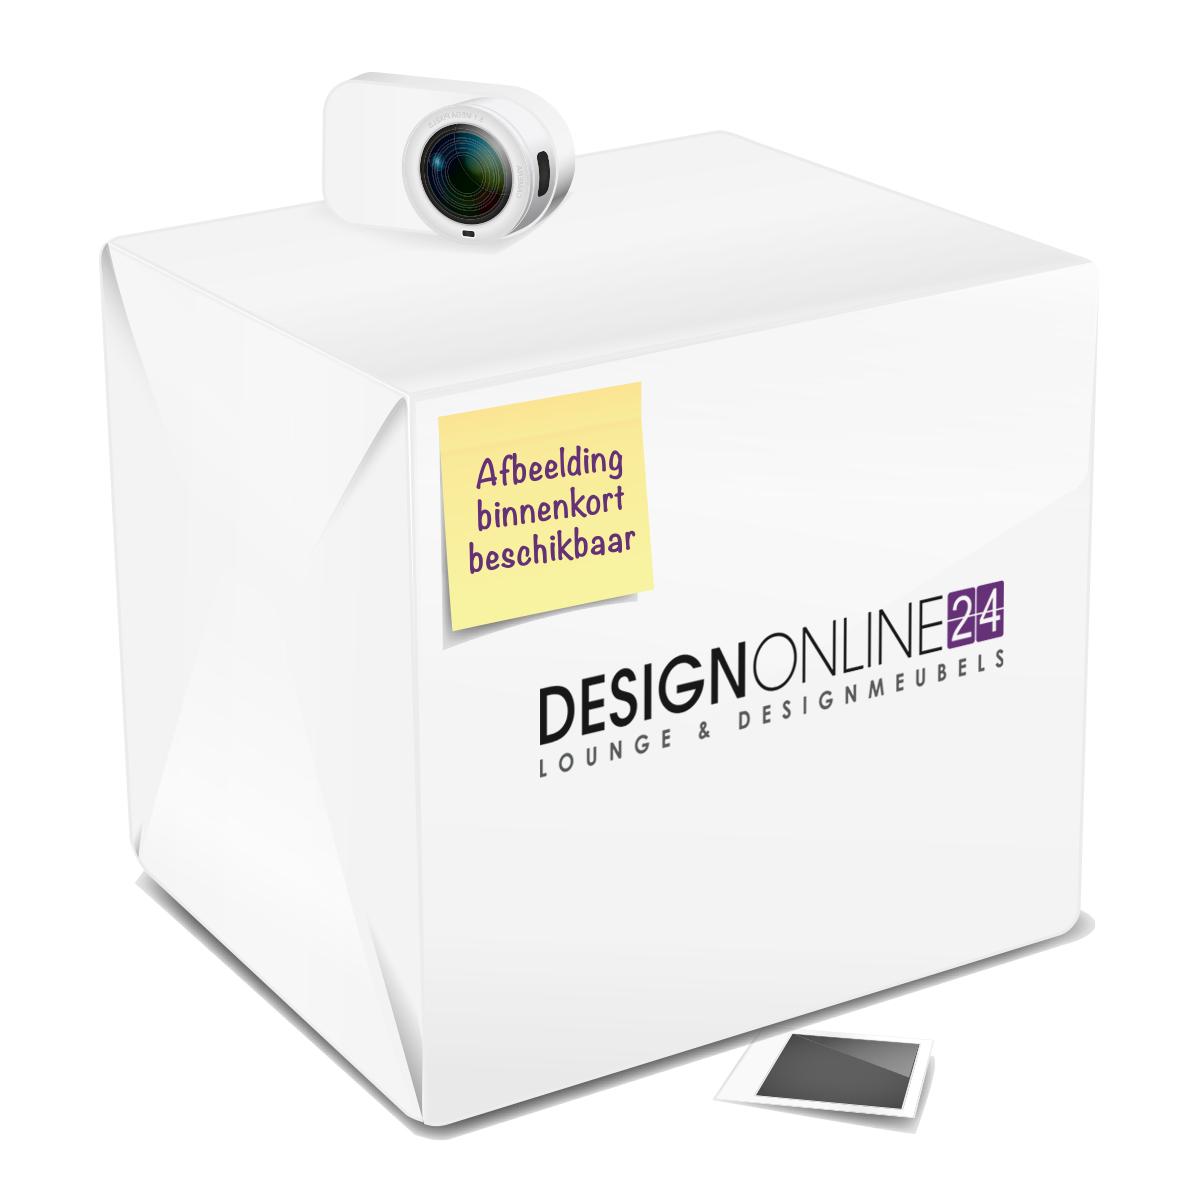 design hanglampen kopen designonline24